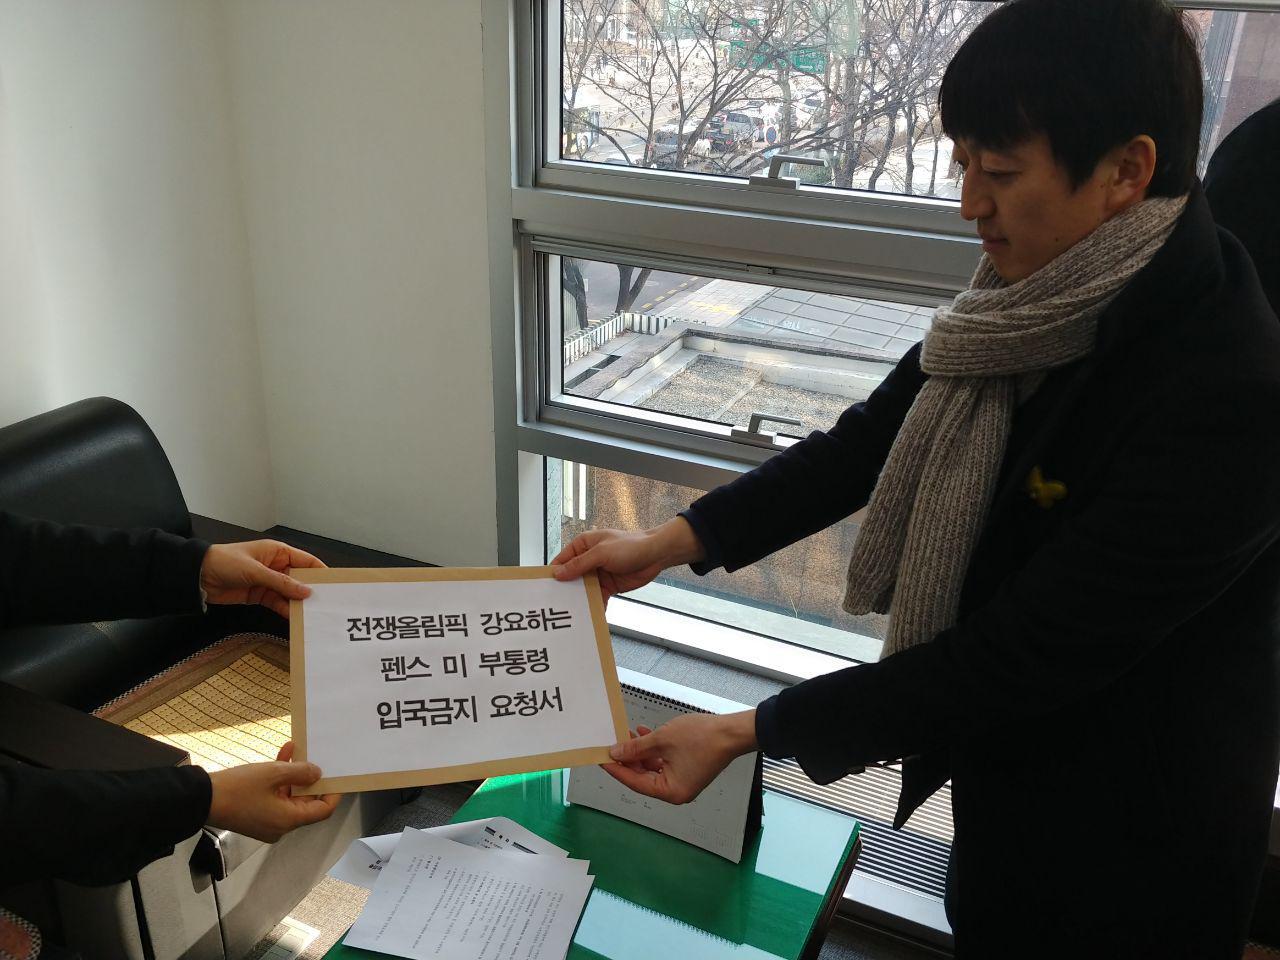 입국금지요청서 제출 출입국관리소에 입국금지요청서를 제출하고 있다.